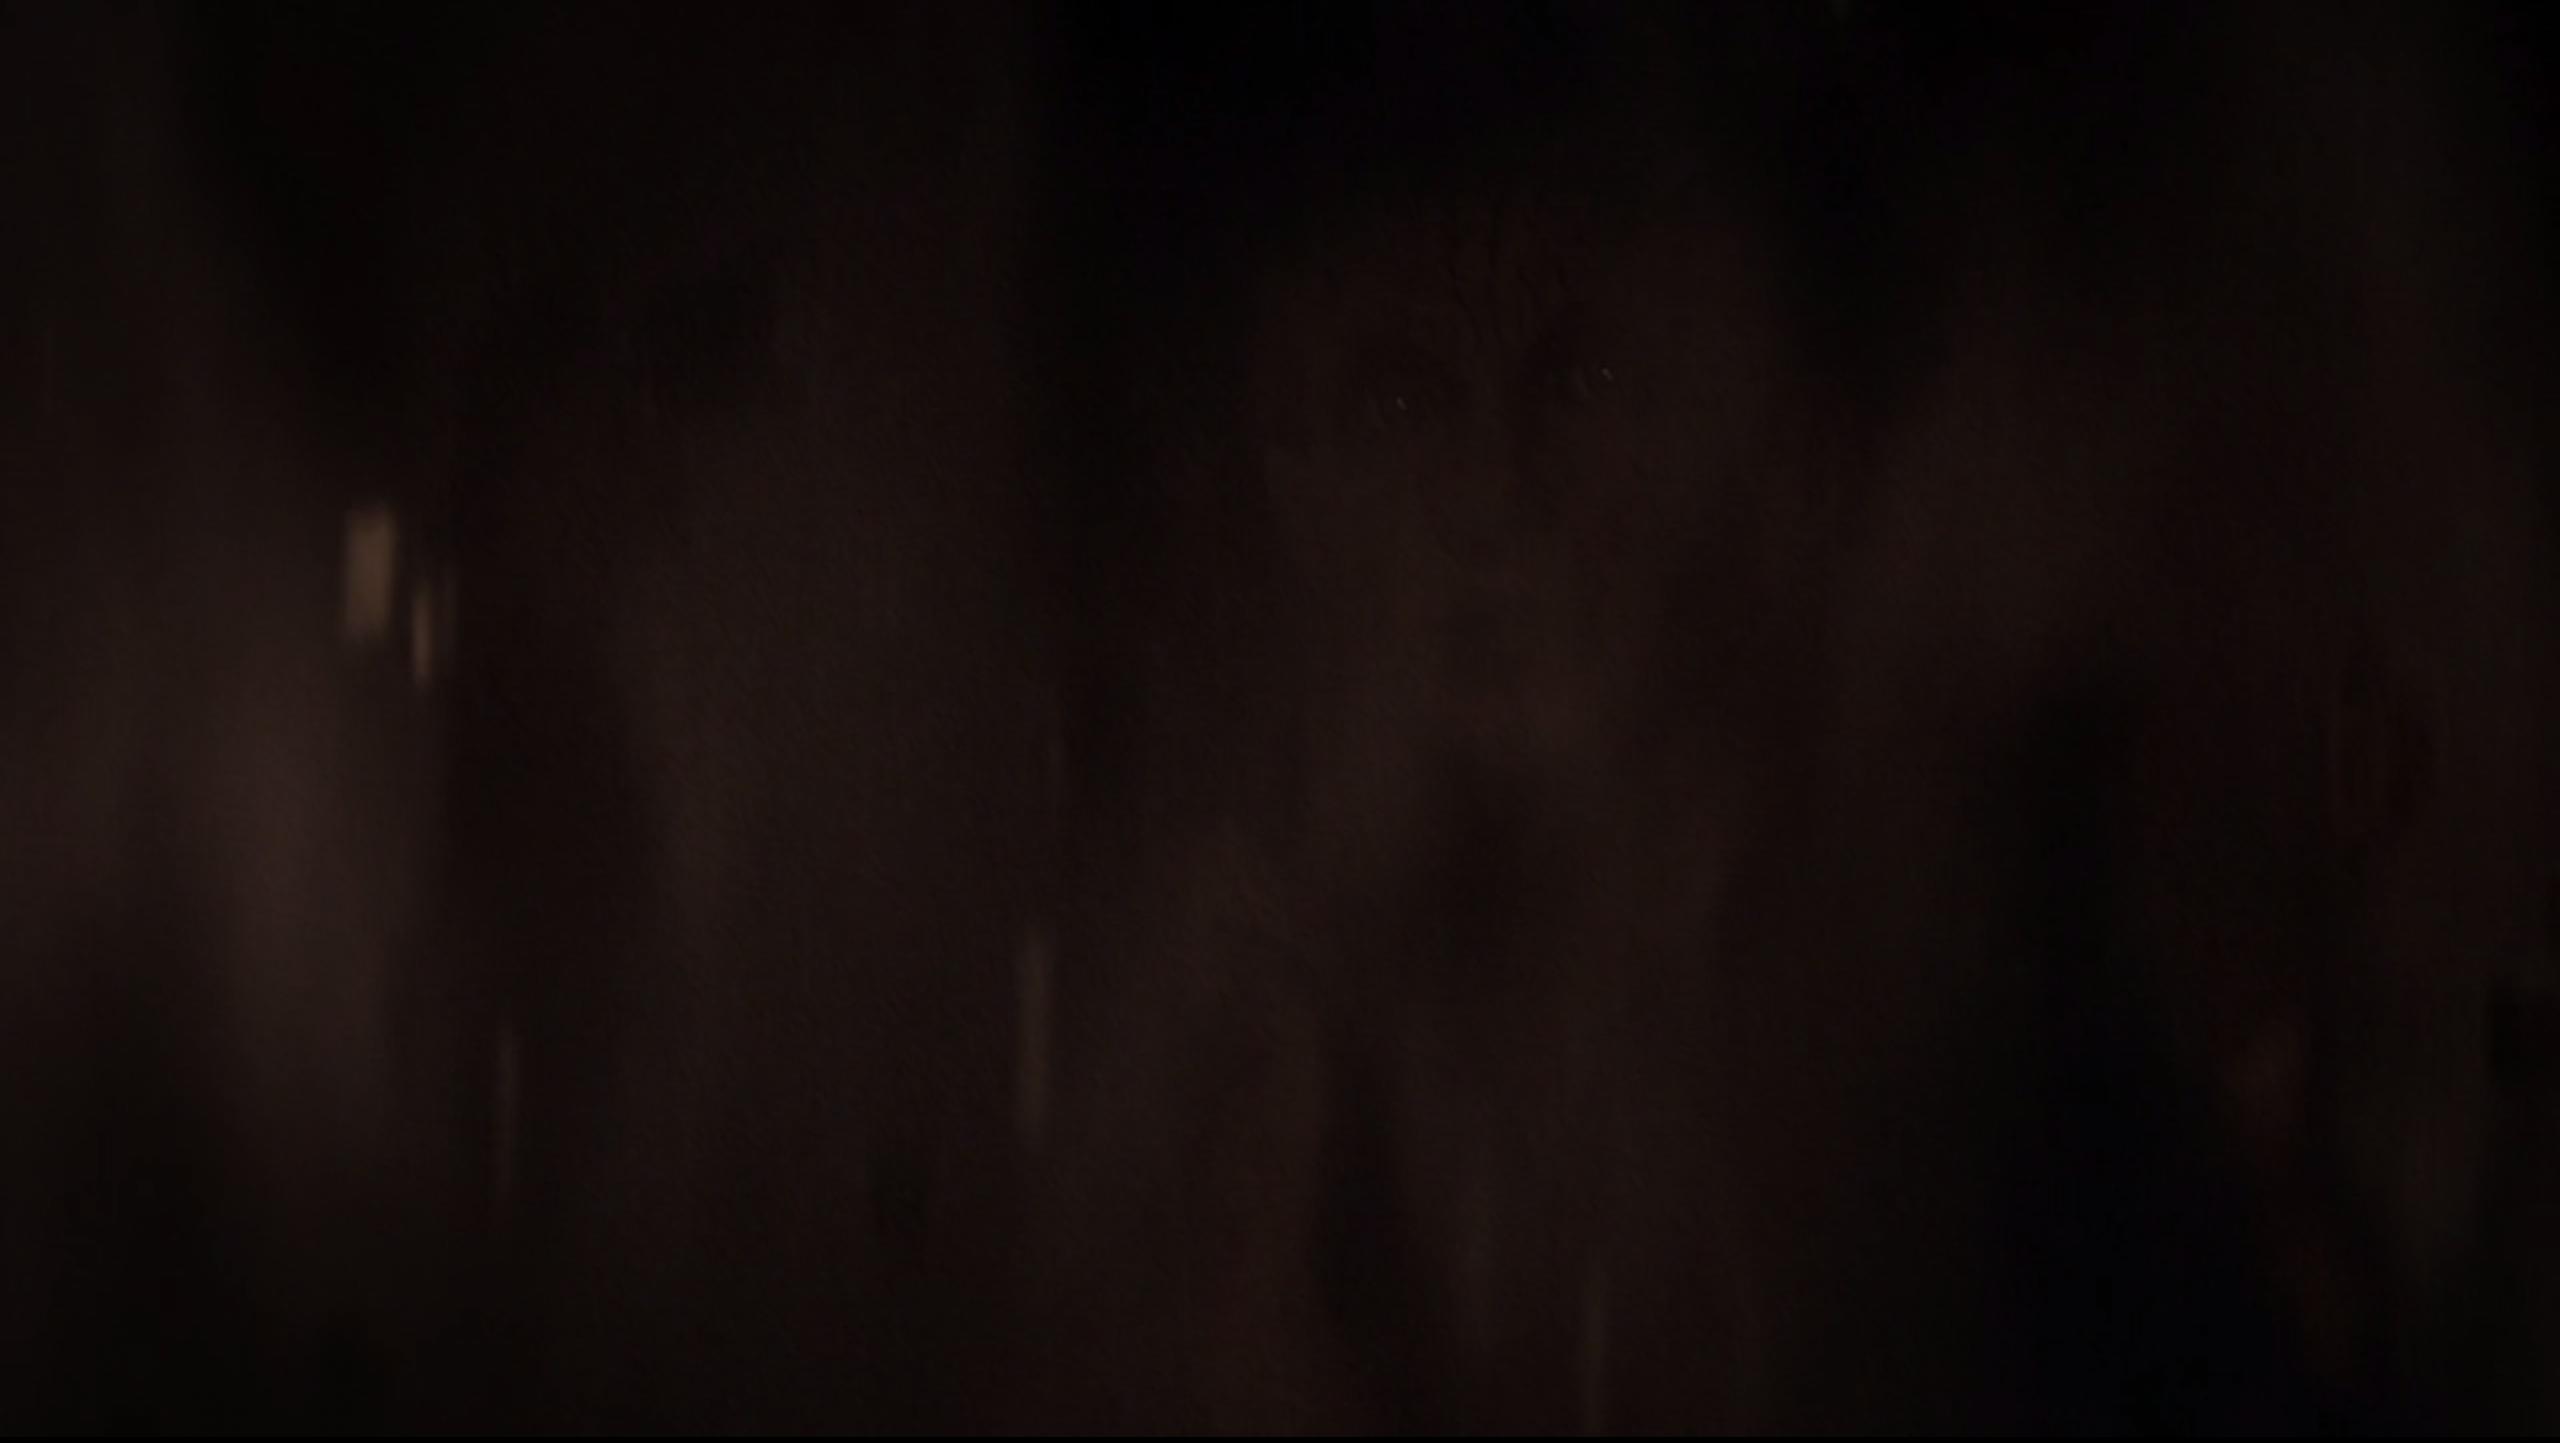 [TV] Agents of SHIELD (3ª Temporada) - Secret Warriors confirmados! - Página 14 Raina_Transformed